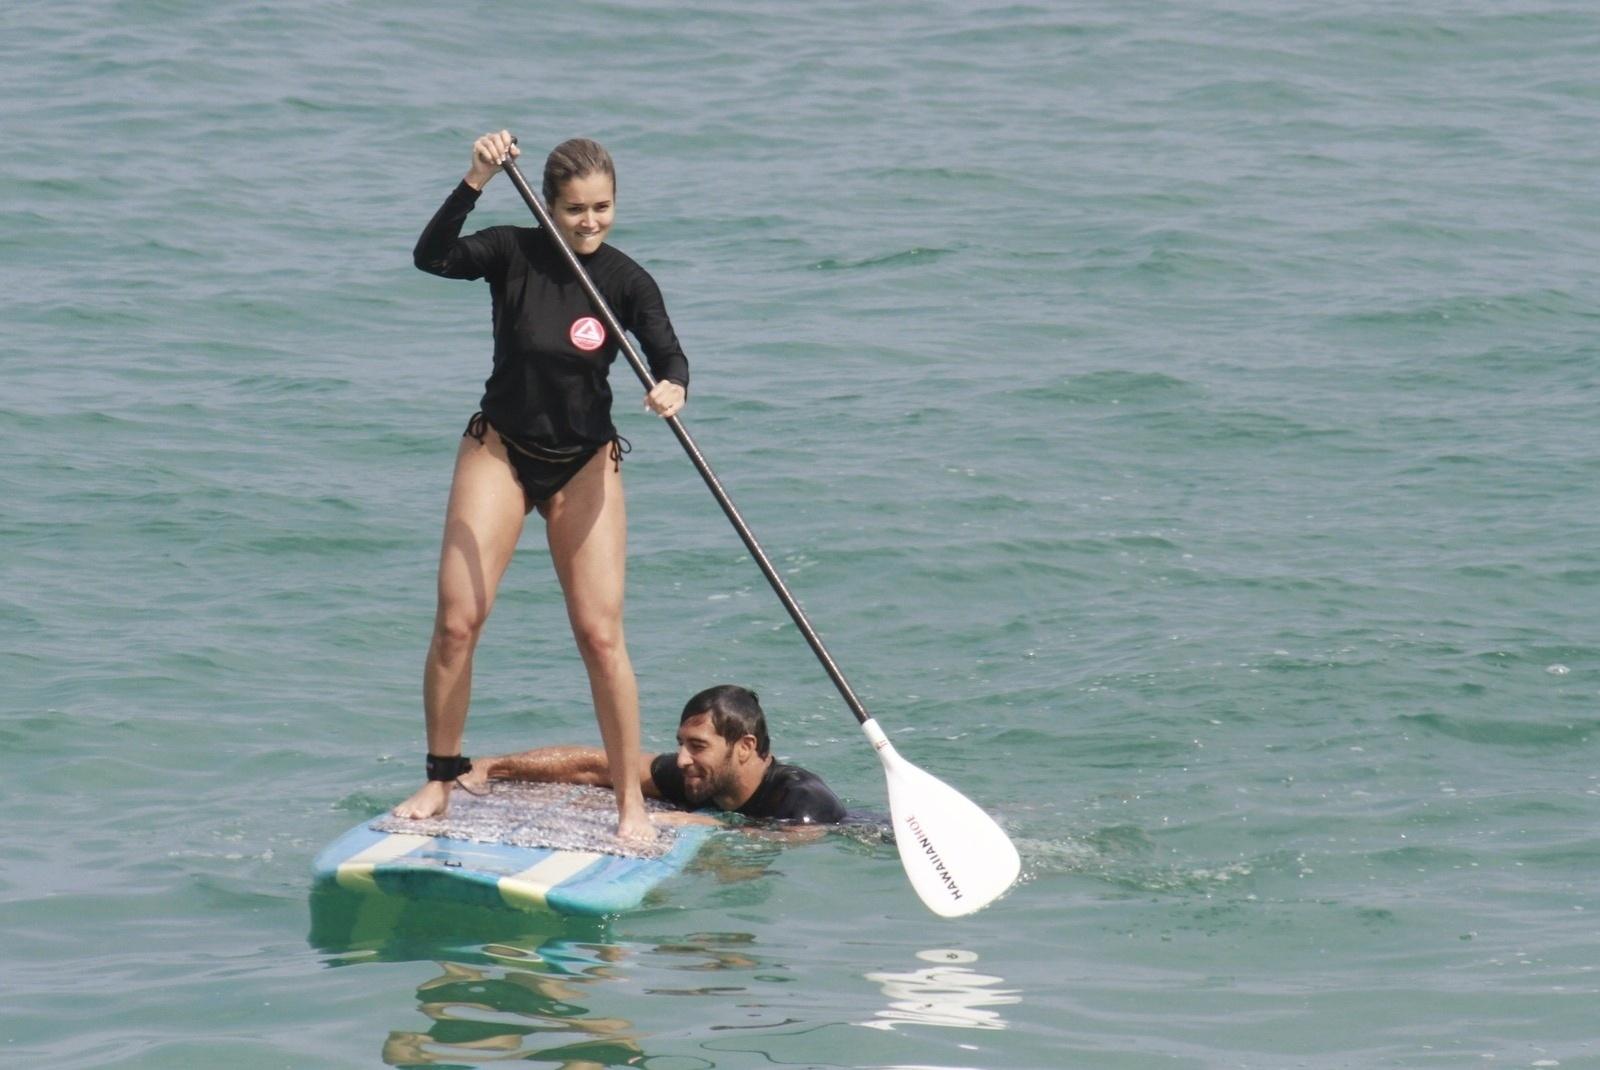 23.set.2013 - O casal ex-peões Beto Malfacini e Aryane Steinkopf curtiu um dia de praia na Macumba, na Barra da Tijuca, zona oeste do Rio